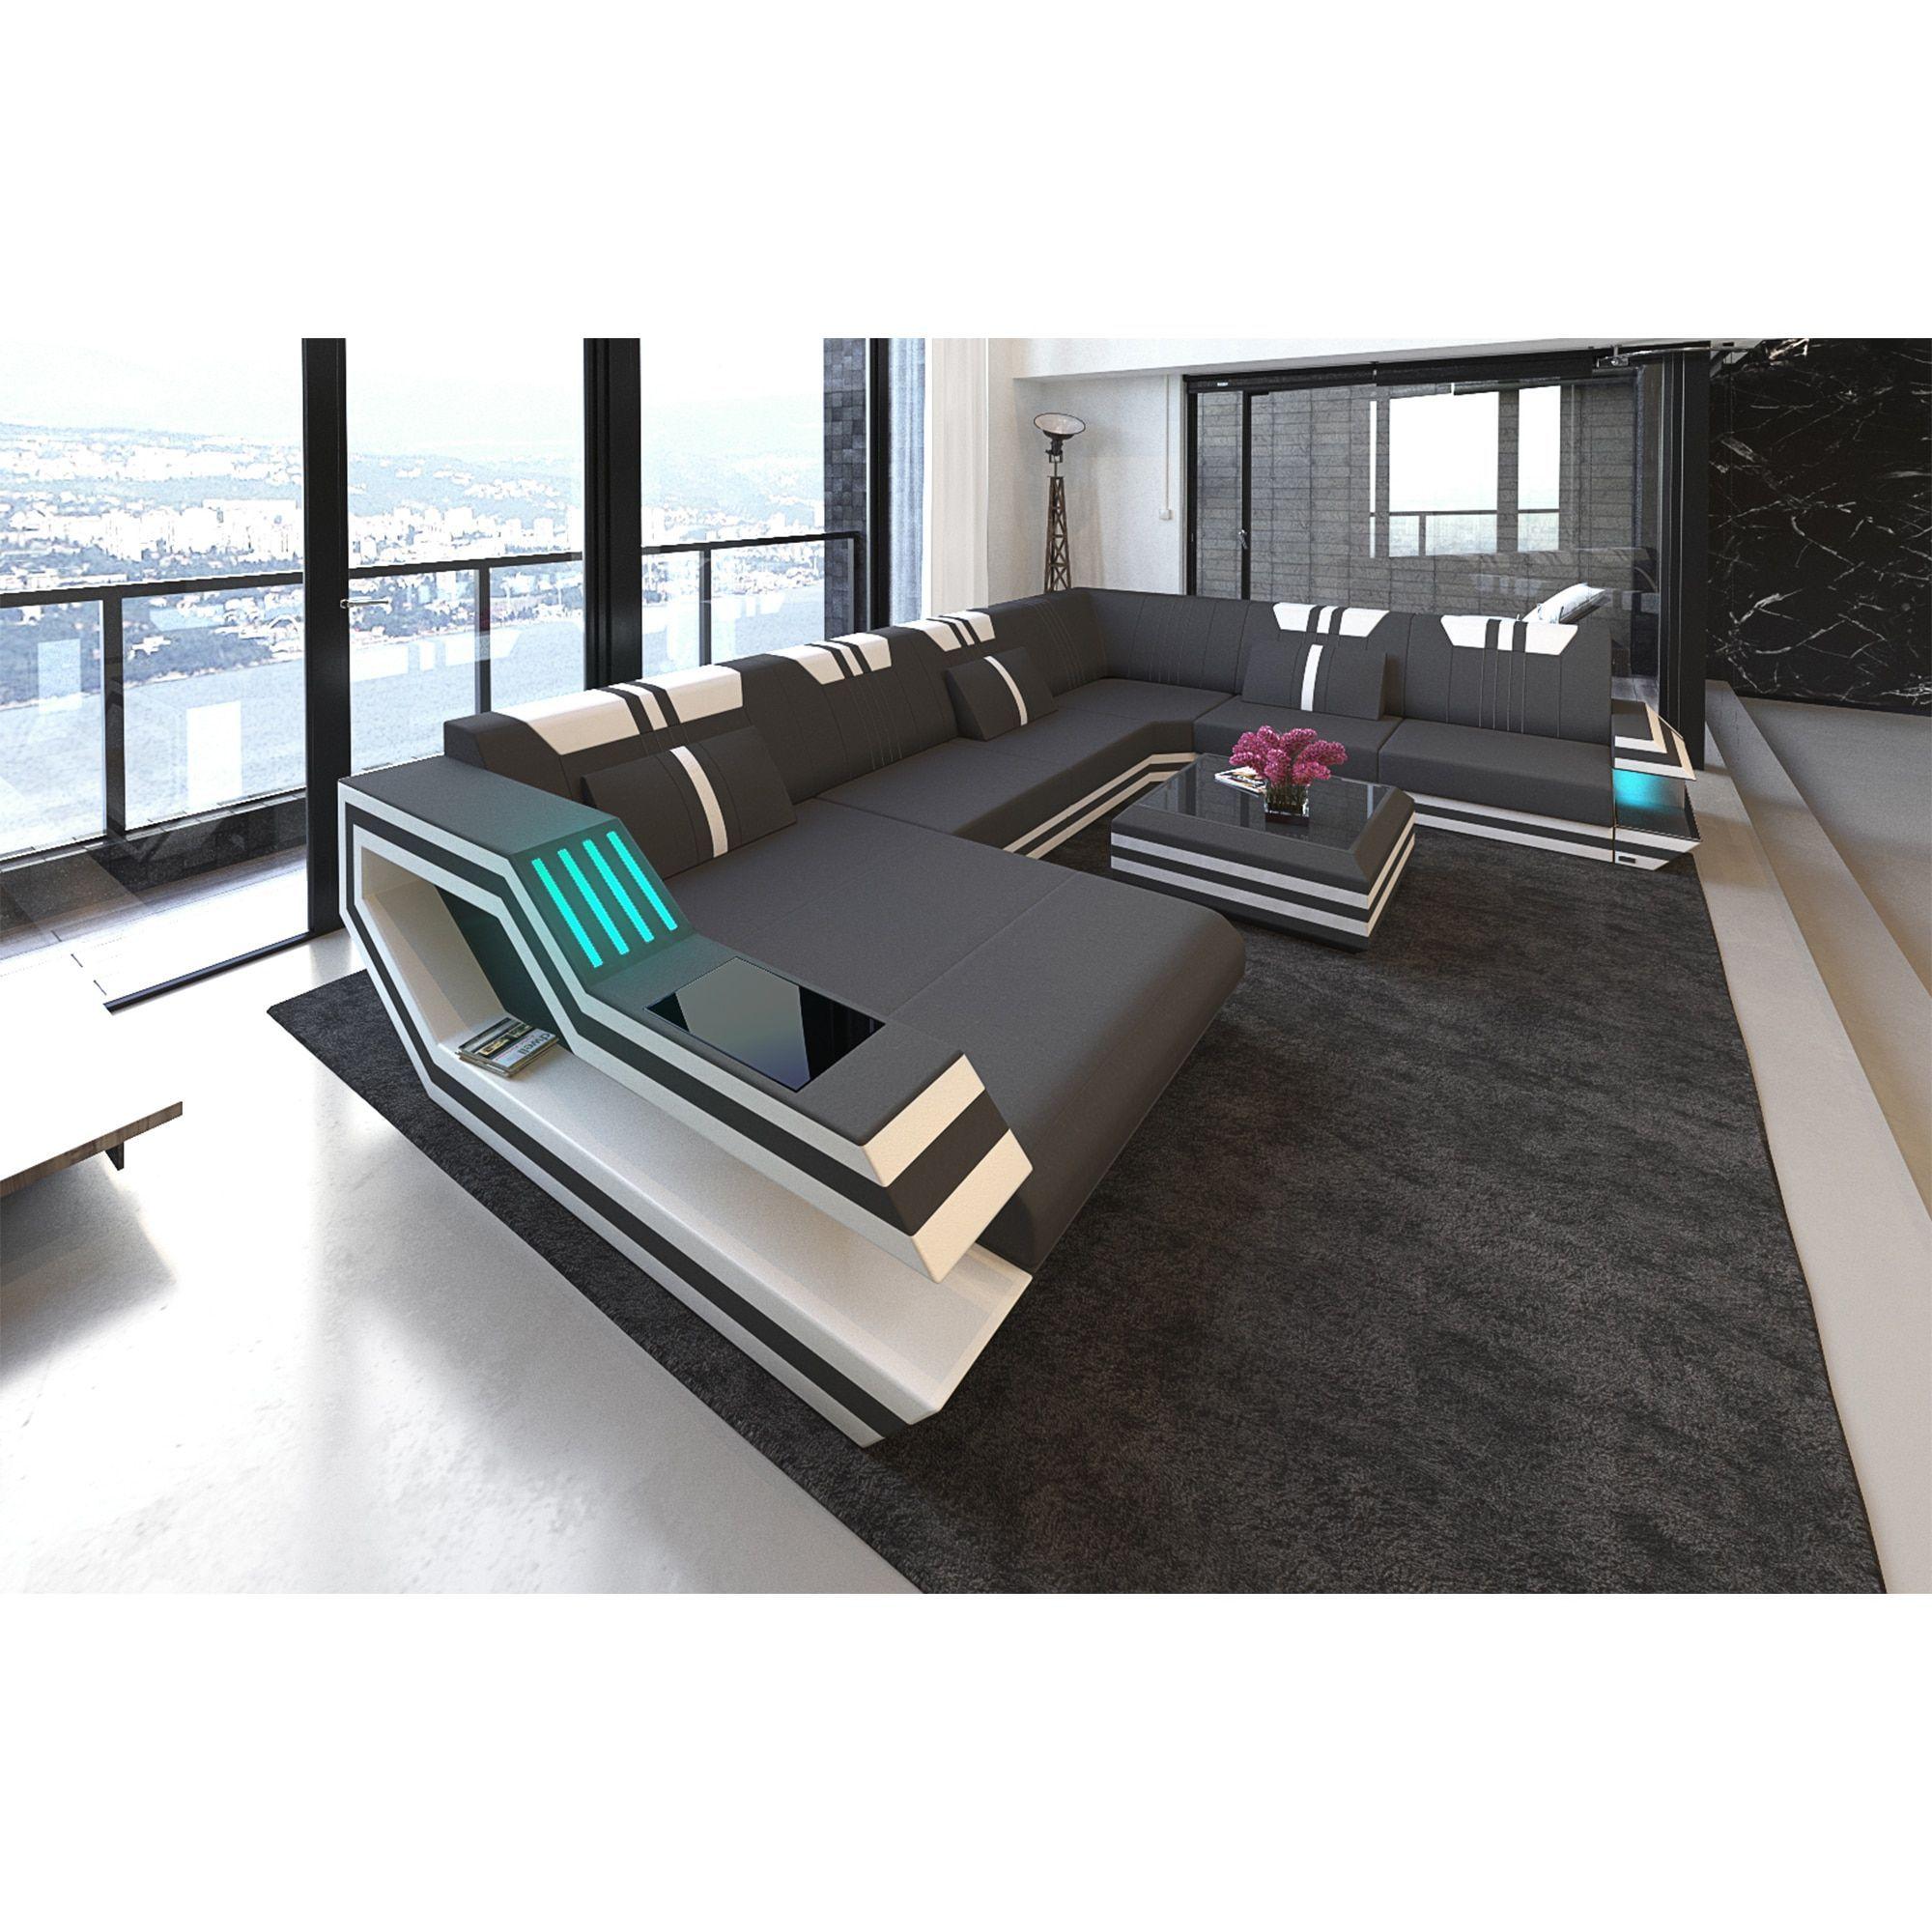 Led Sofa Bed